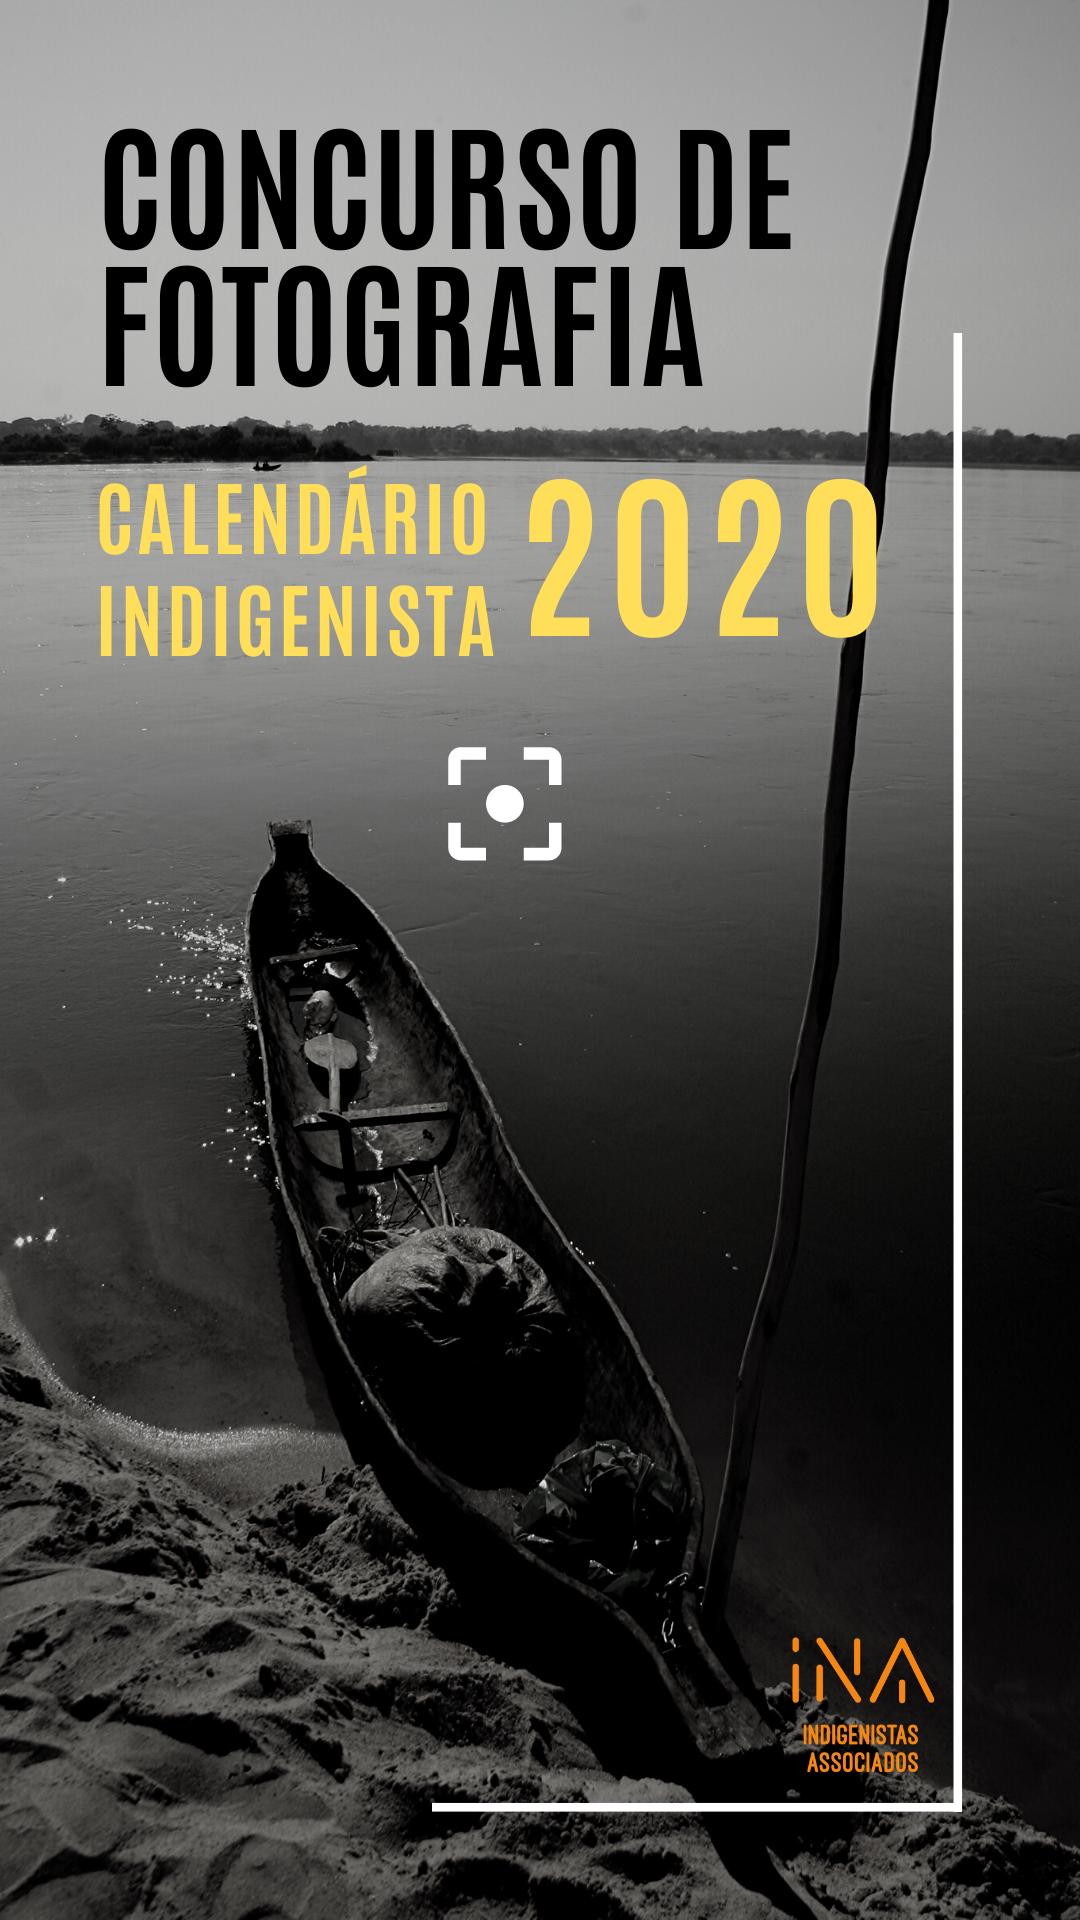 Concurso de Fotografia – Calendário Indigenista 2020